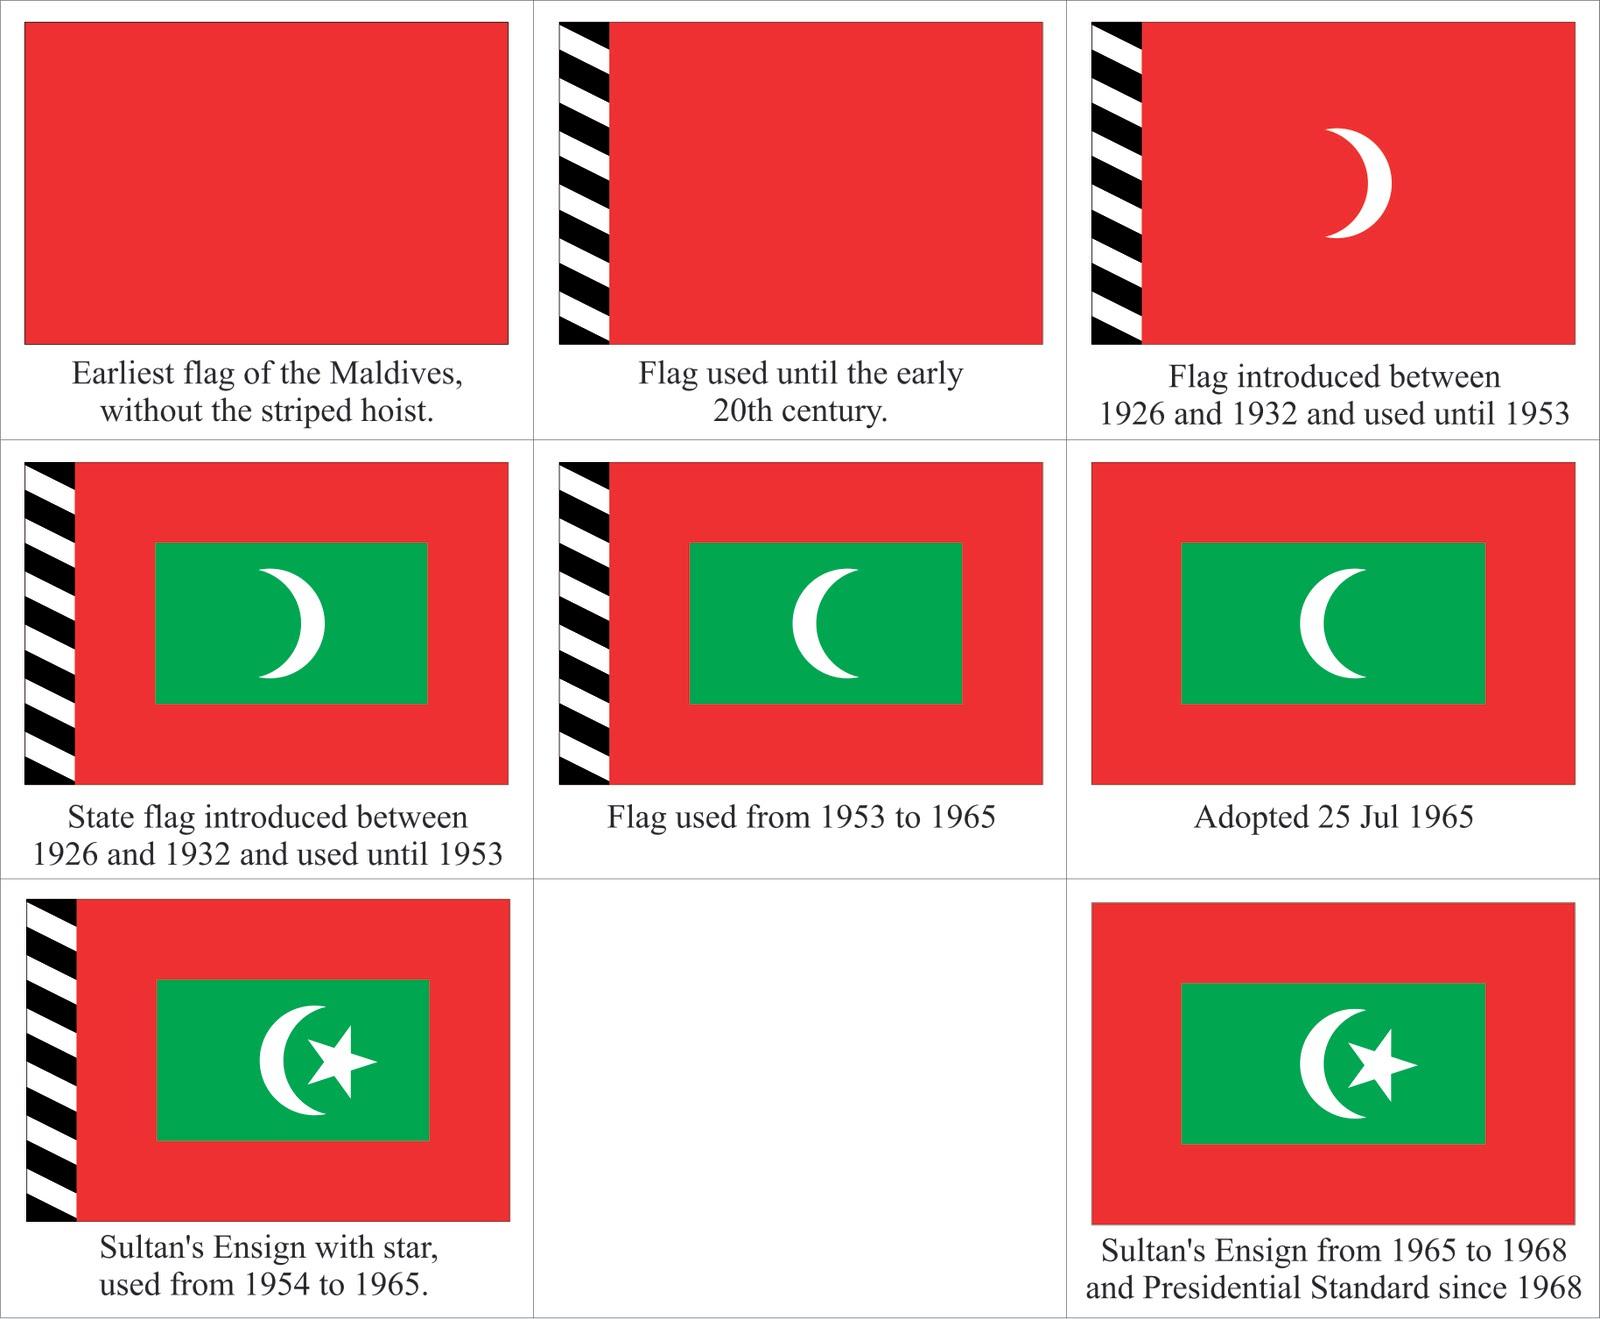 http://2.bp.blogspot.com/_OPdNyT_exR8/TE2CofT1anI/AAAAAAAAAM8/sJw_YrAMW7A/s1600/mv+flag+detail.jpg